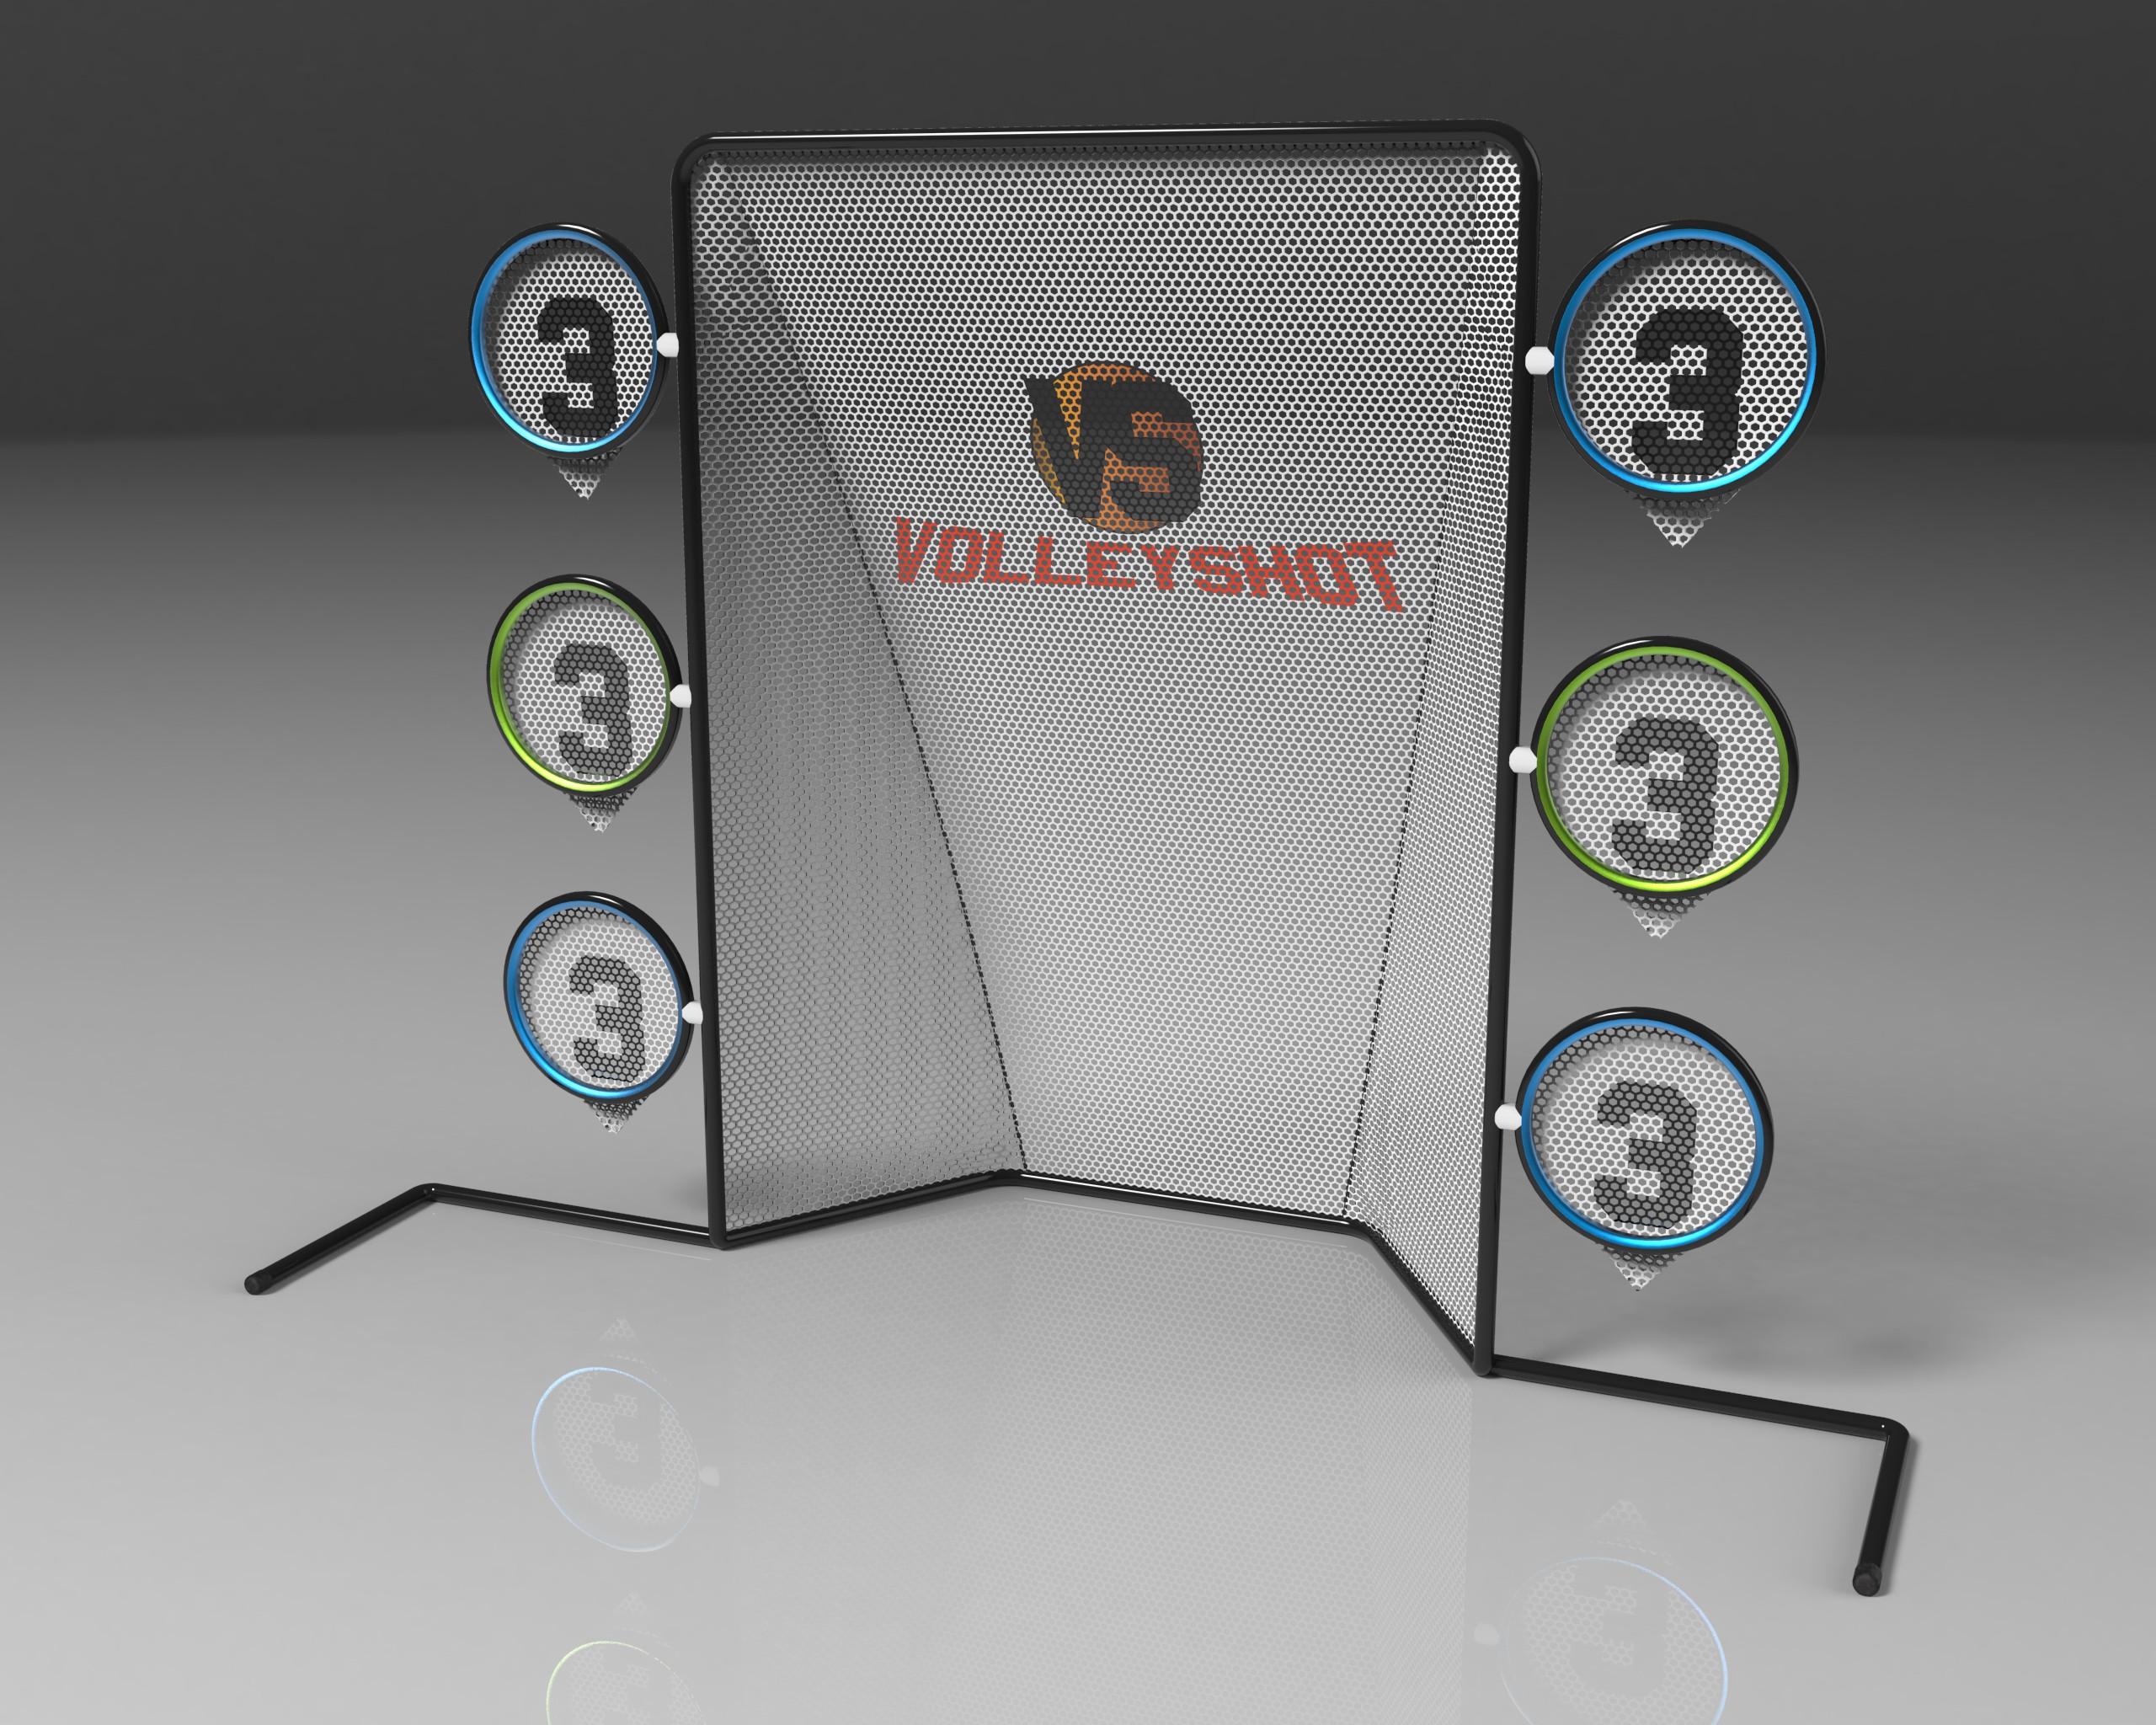 Rallyball game